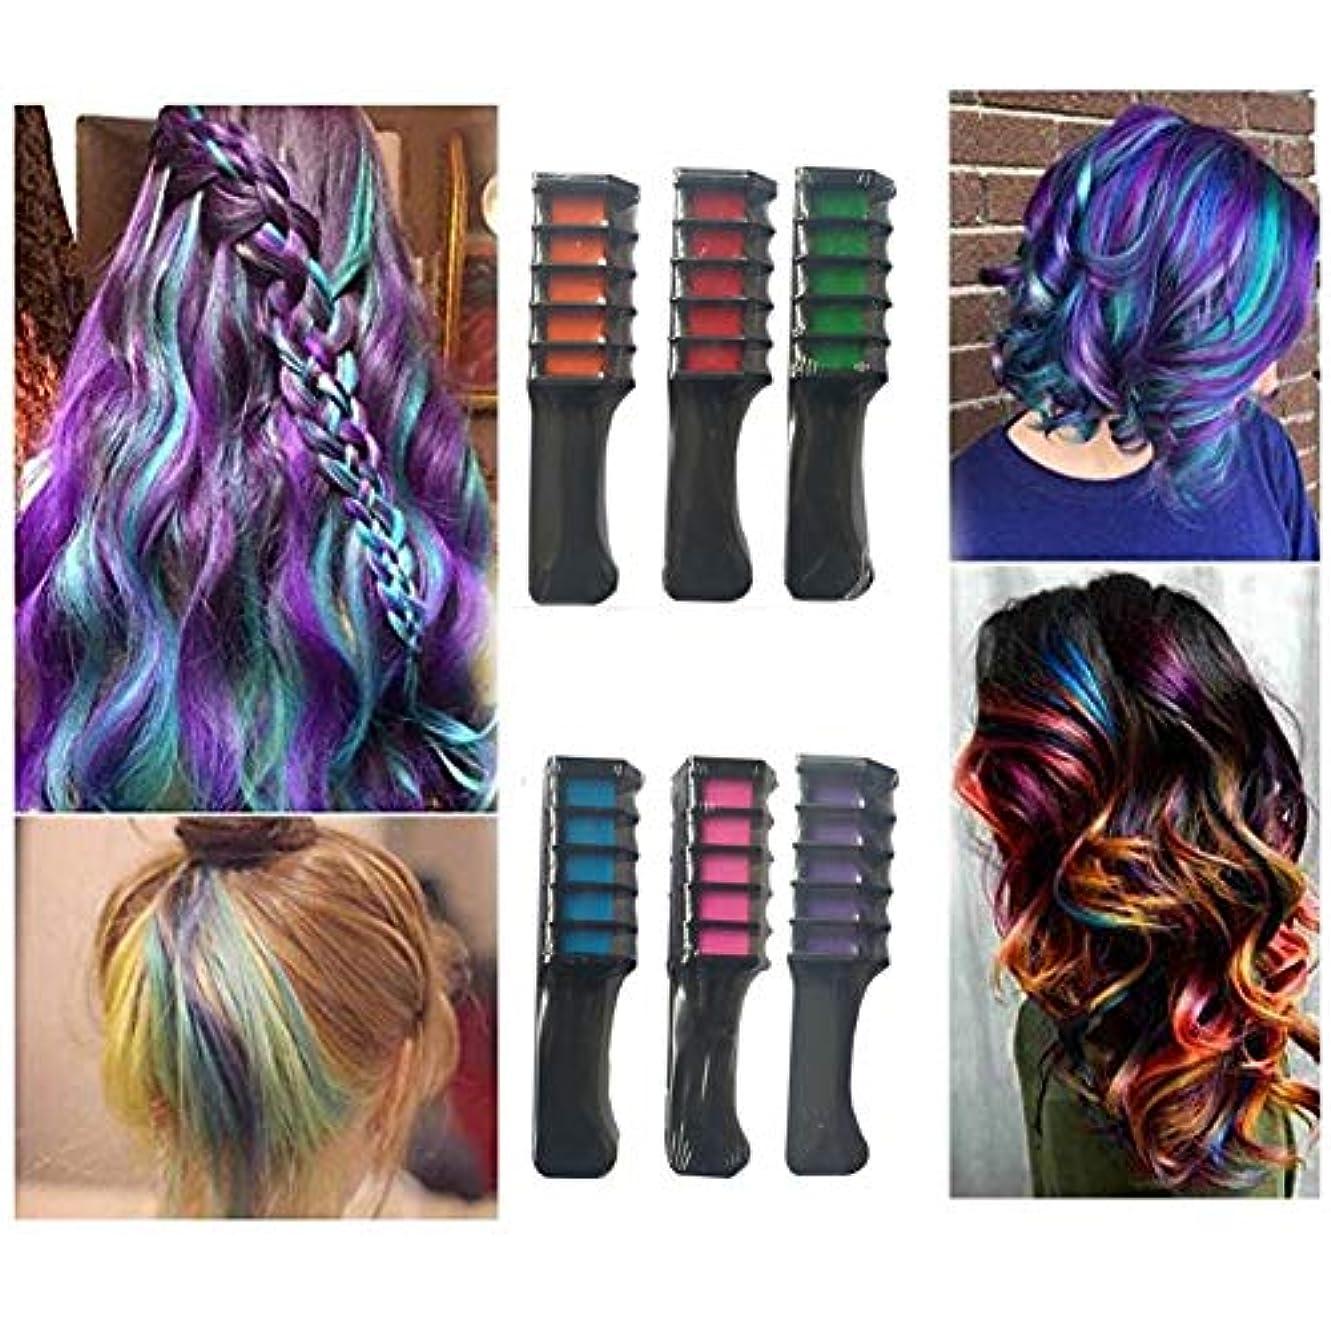 有用先史時代の太字パーティーファンのための一時的な髪の色の櫛洗える髪染料の櫛使い捨てヘアチョークコスプレDIY、6個